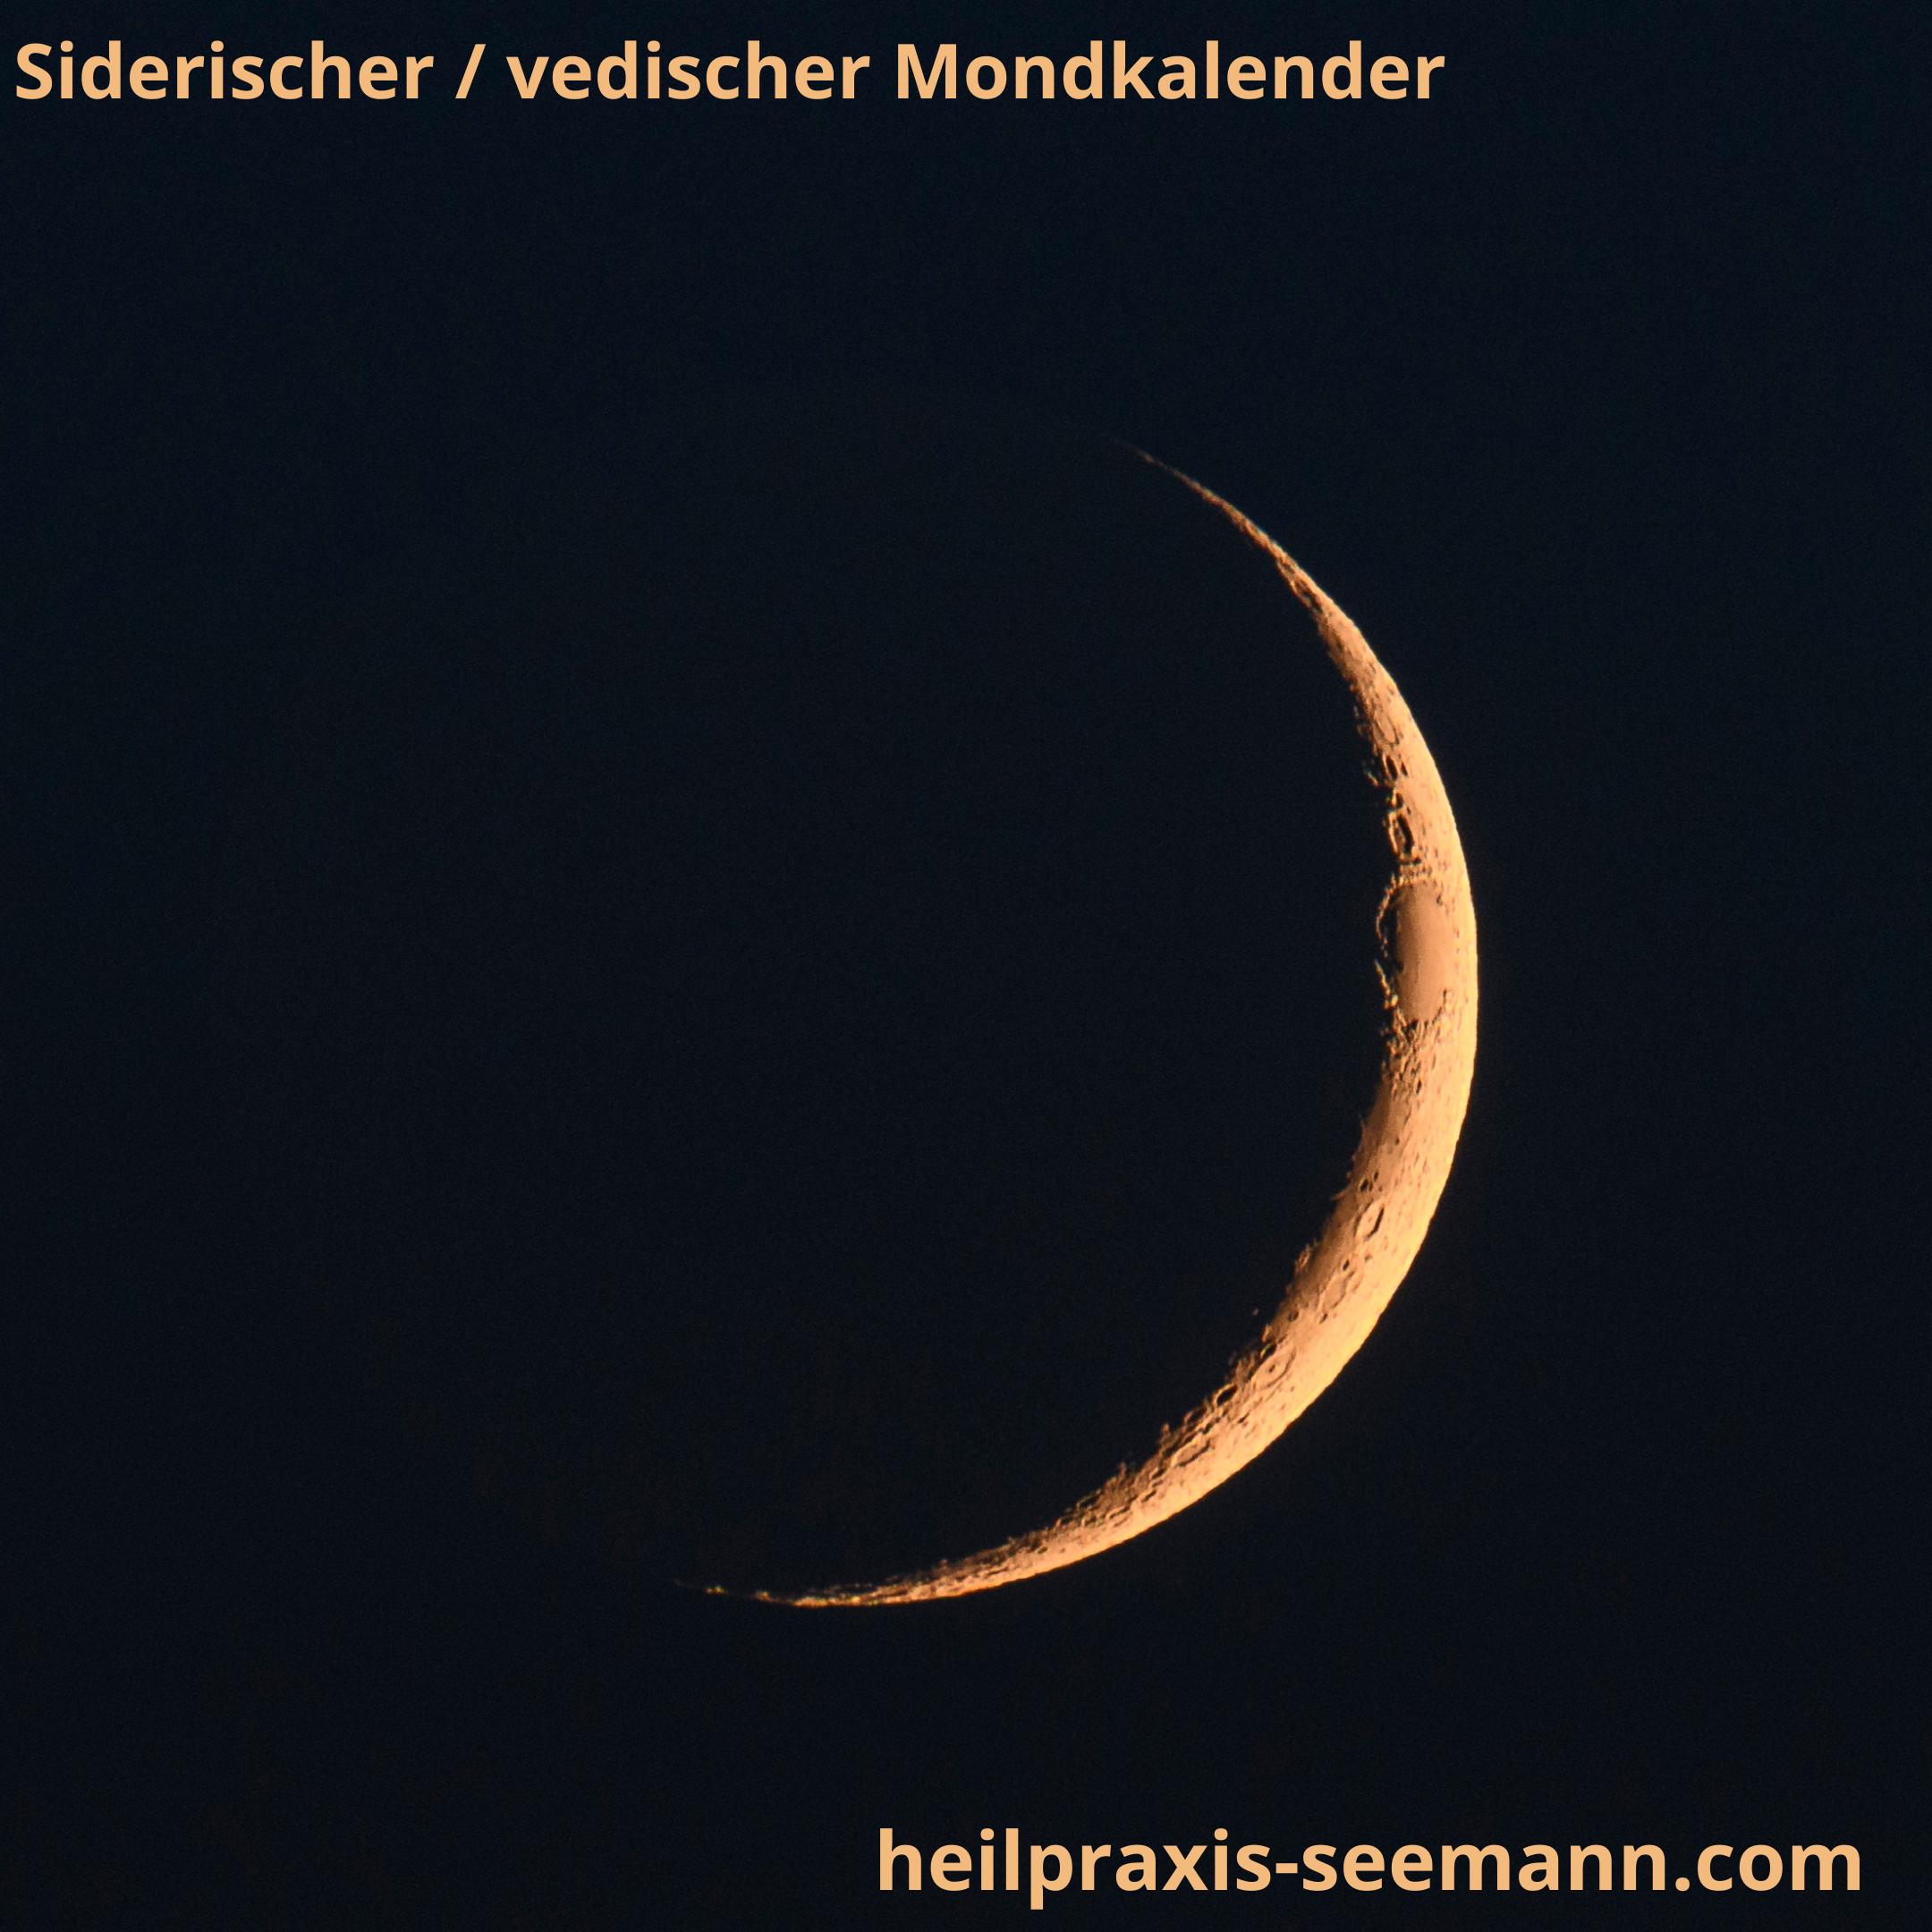 Siderische Mondkalender Neumond